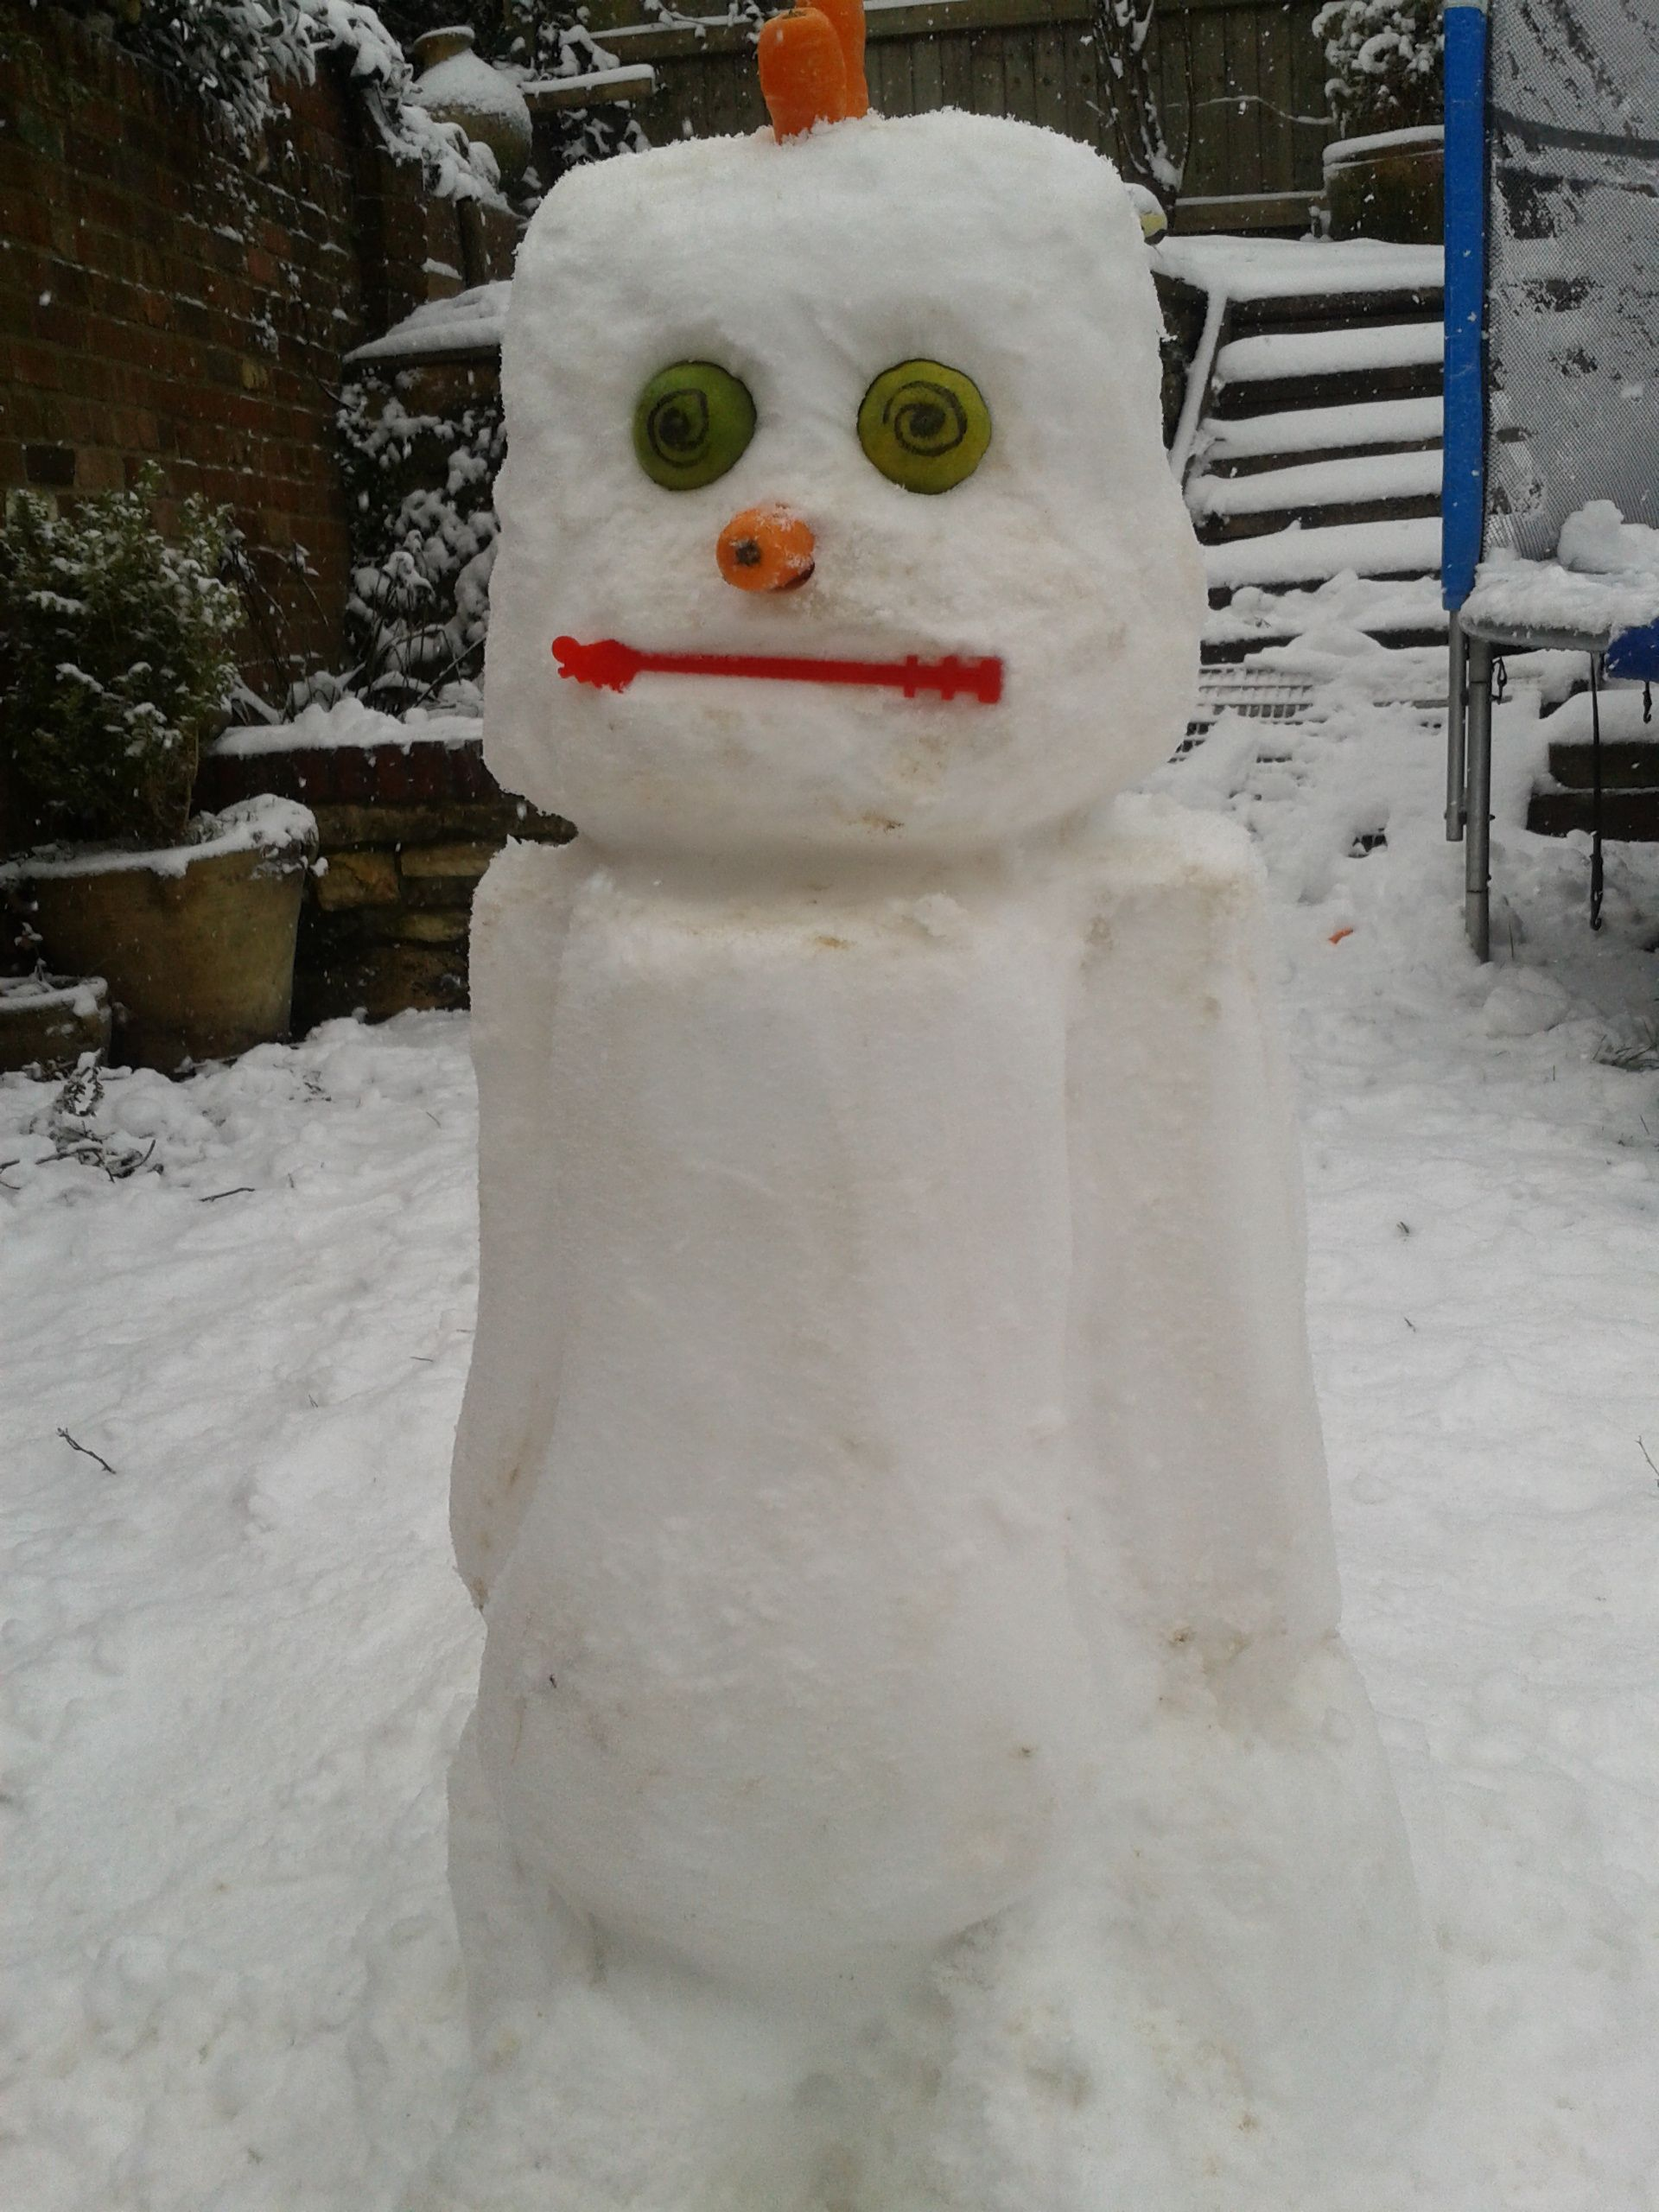 Husbands robot snowman.